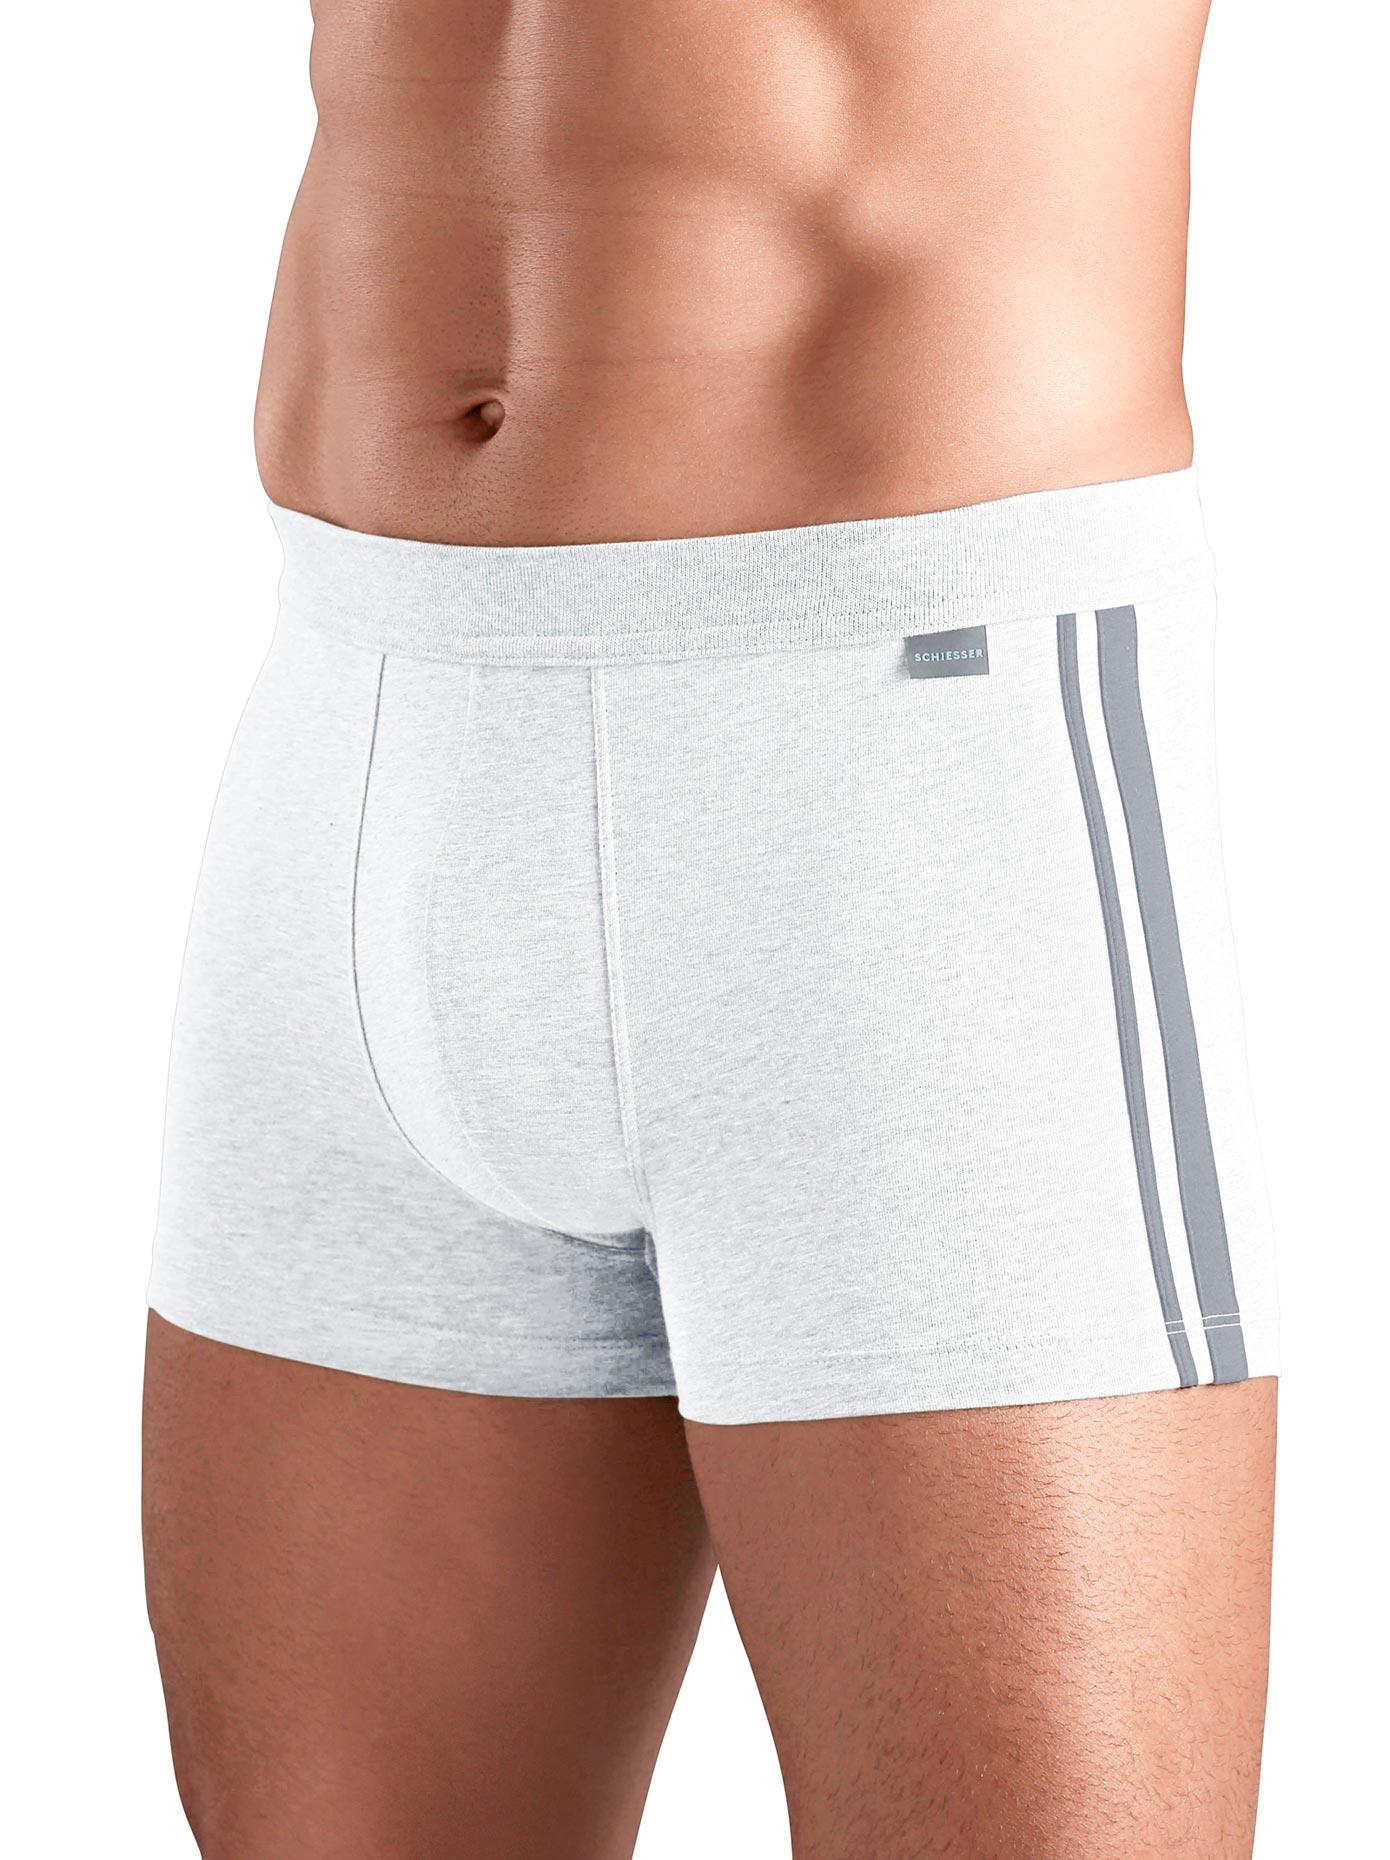 Pants Schiesser | Bekleidung > Wäsche > Hipster | Weiß | Baumwolle | Schiesser